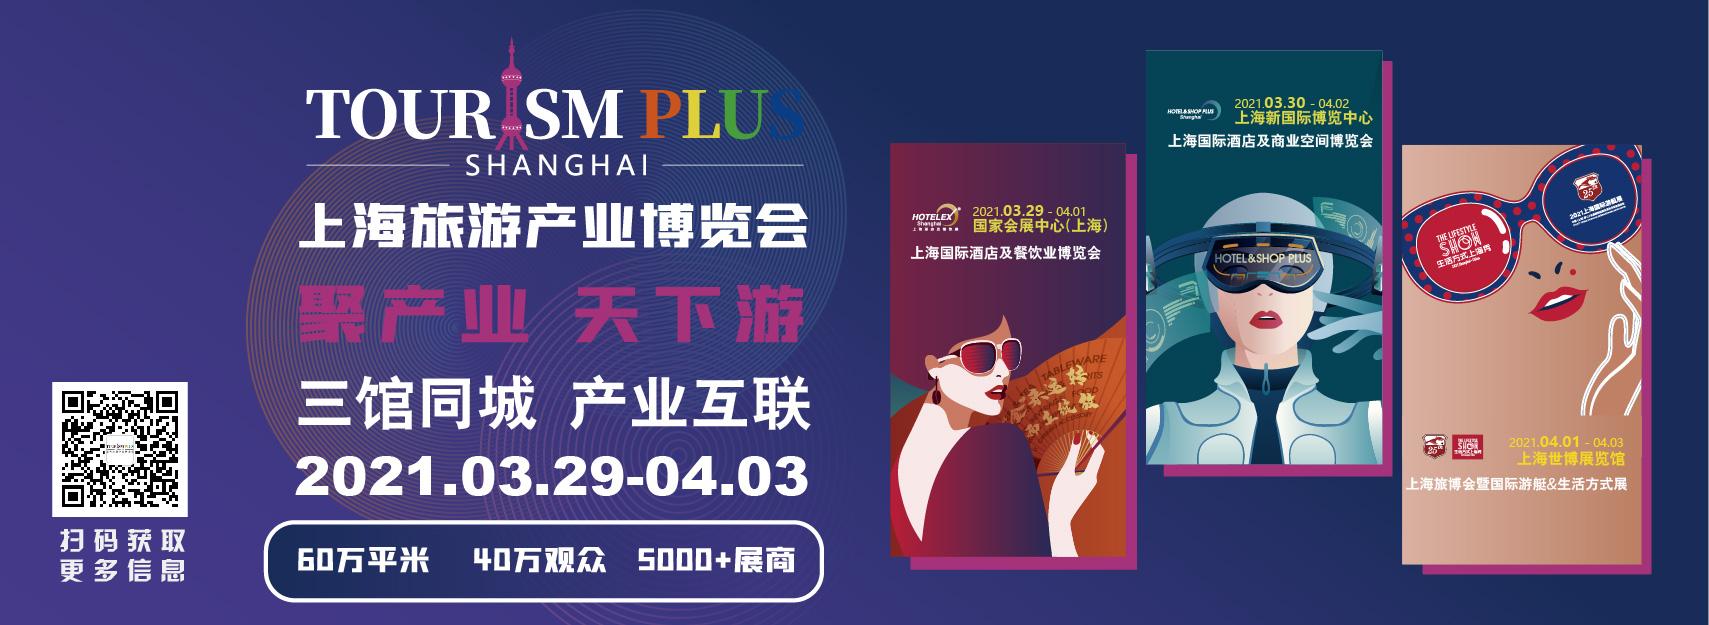 上海旅游产业博览会